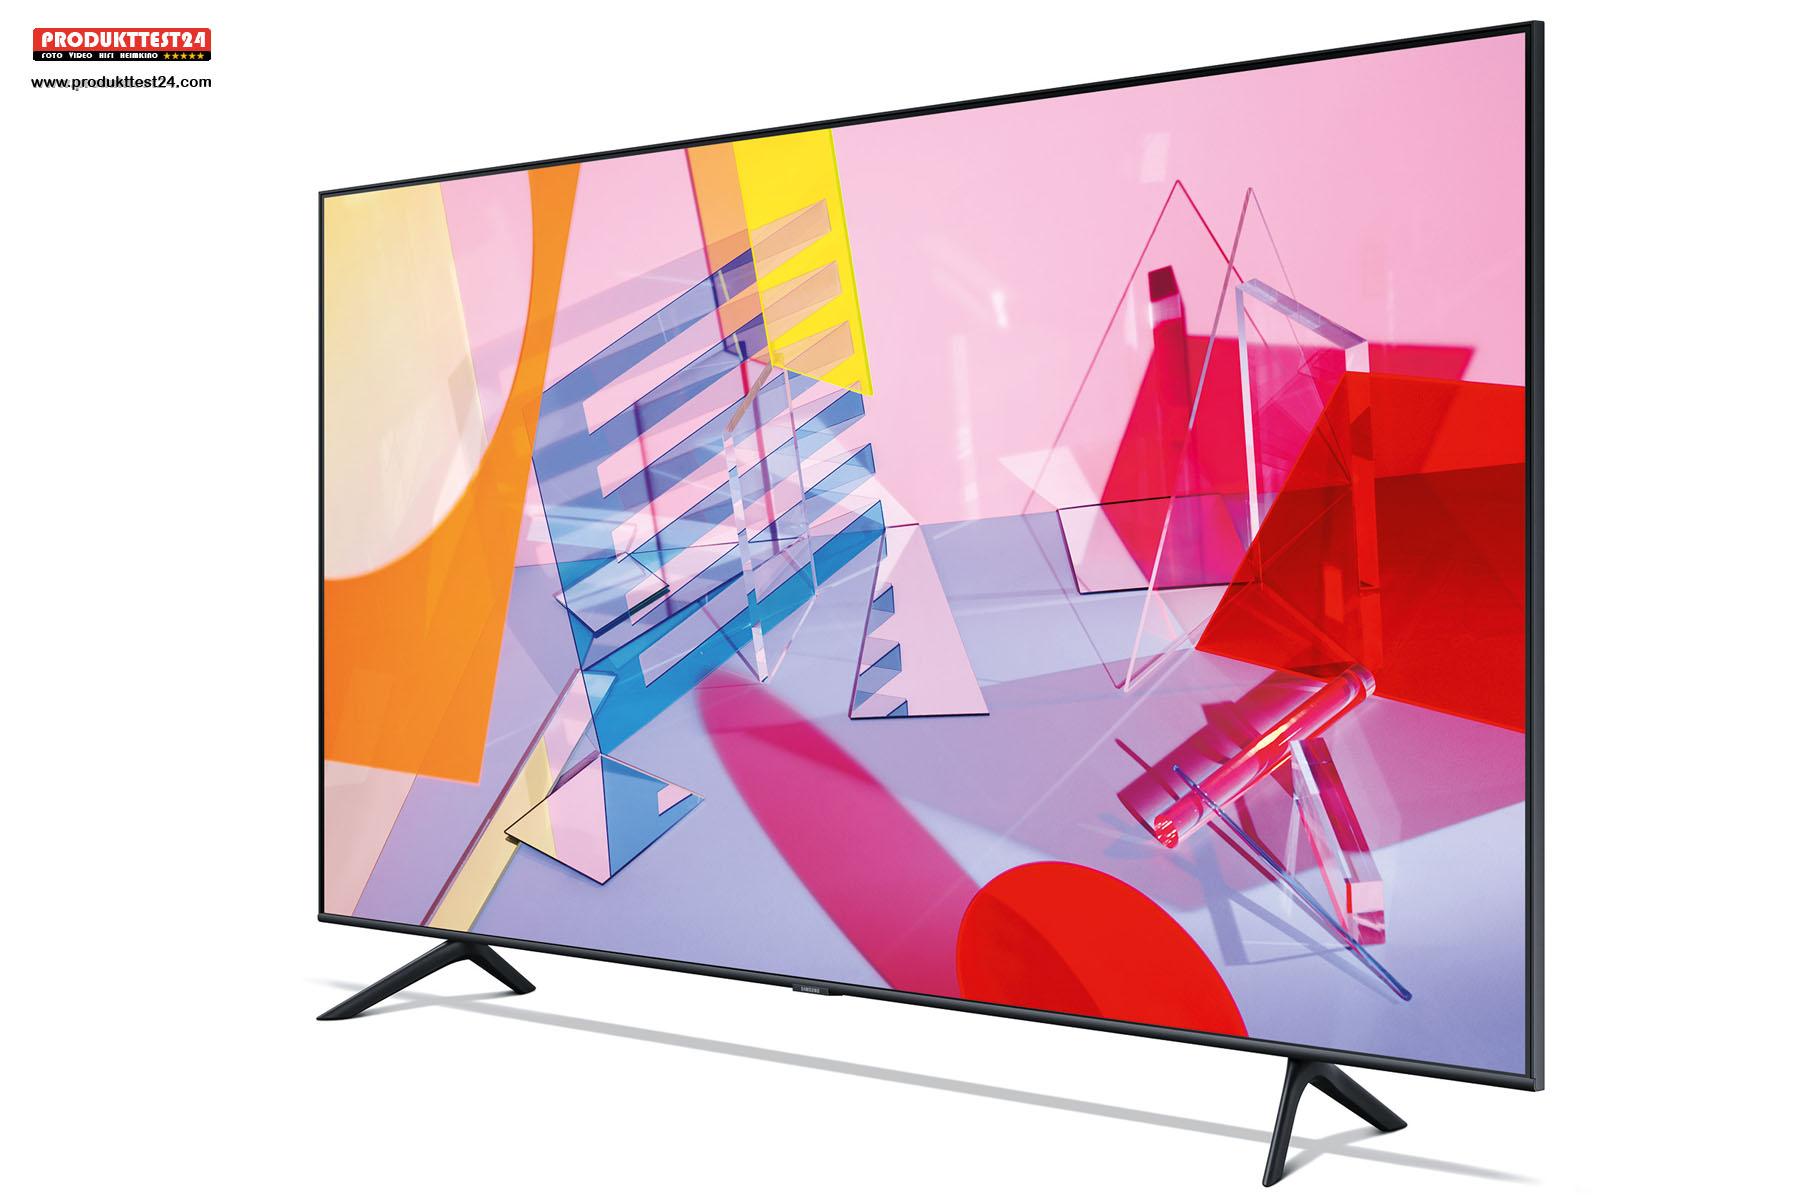 Der neue Samsung GQ43Q60T QLED 4K-Fernseher